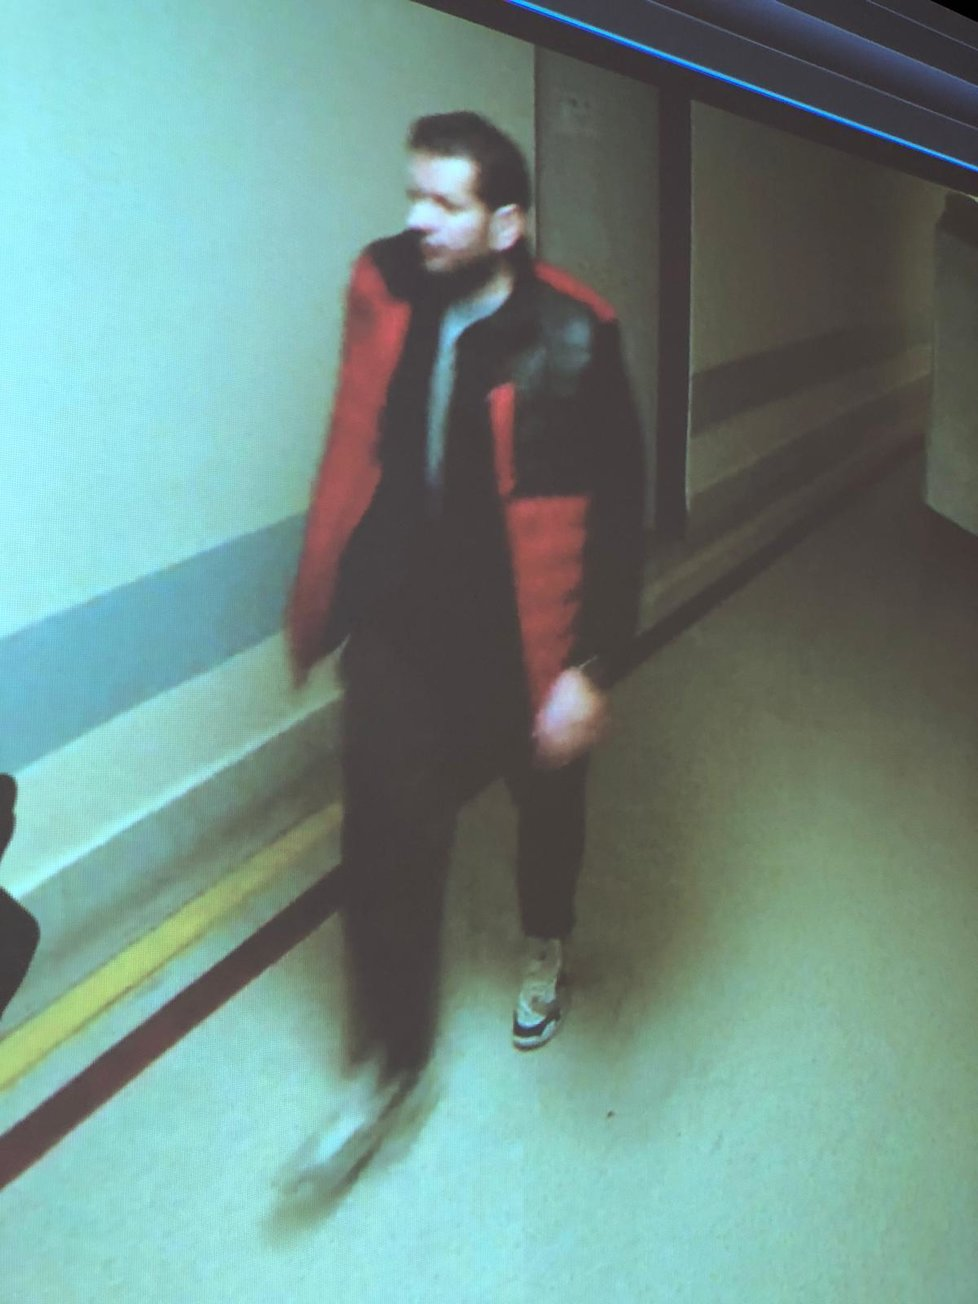 Policie uveřejnila nové fotografie podezřelého muže.